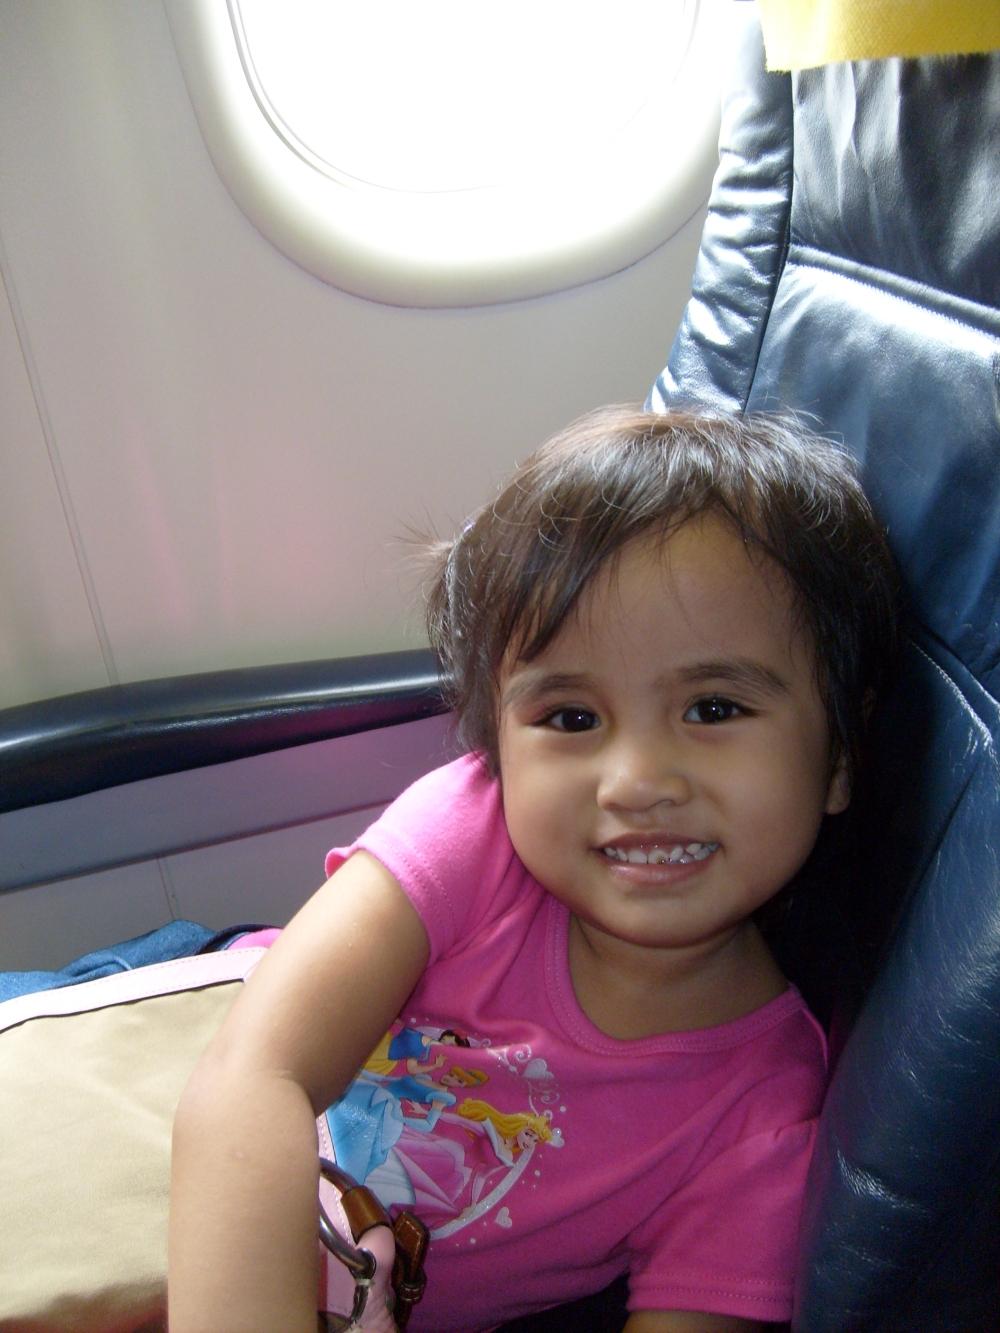 PAL Express passenger kids